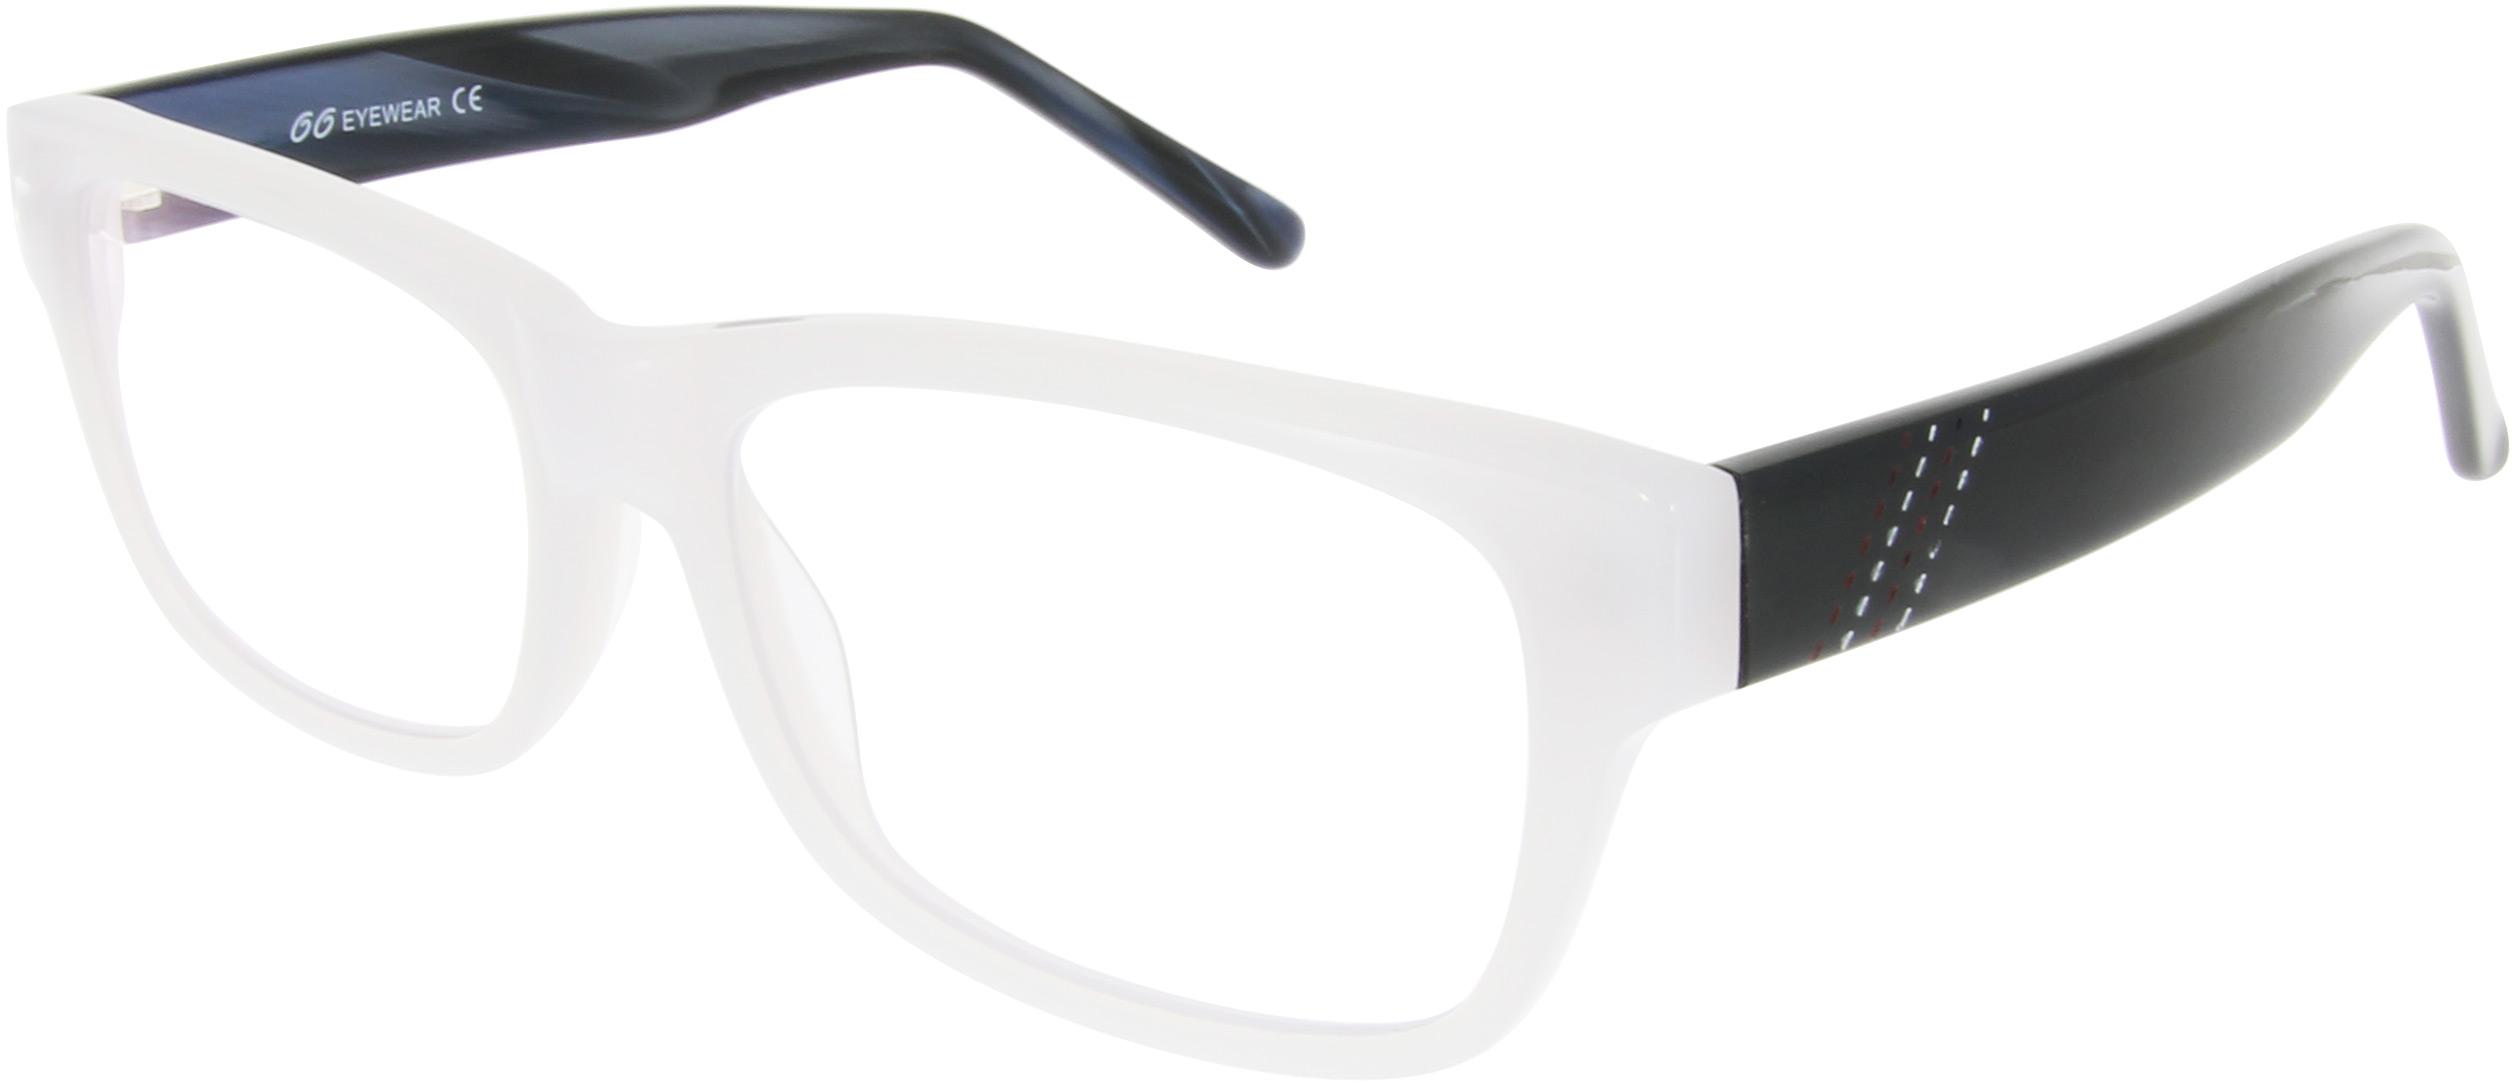 Brillen in der Farbe Blau -Blaue Brillen online bei my-Spexx kaufen